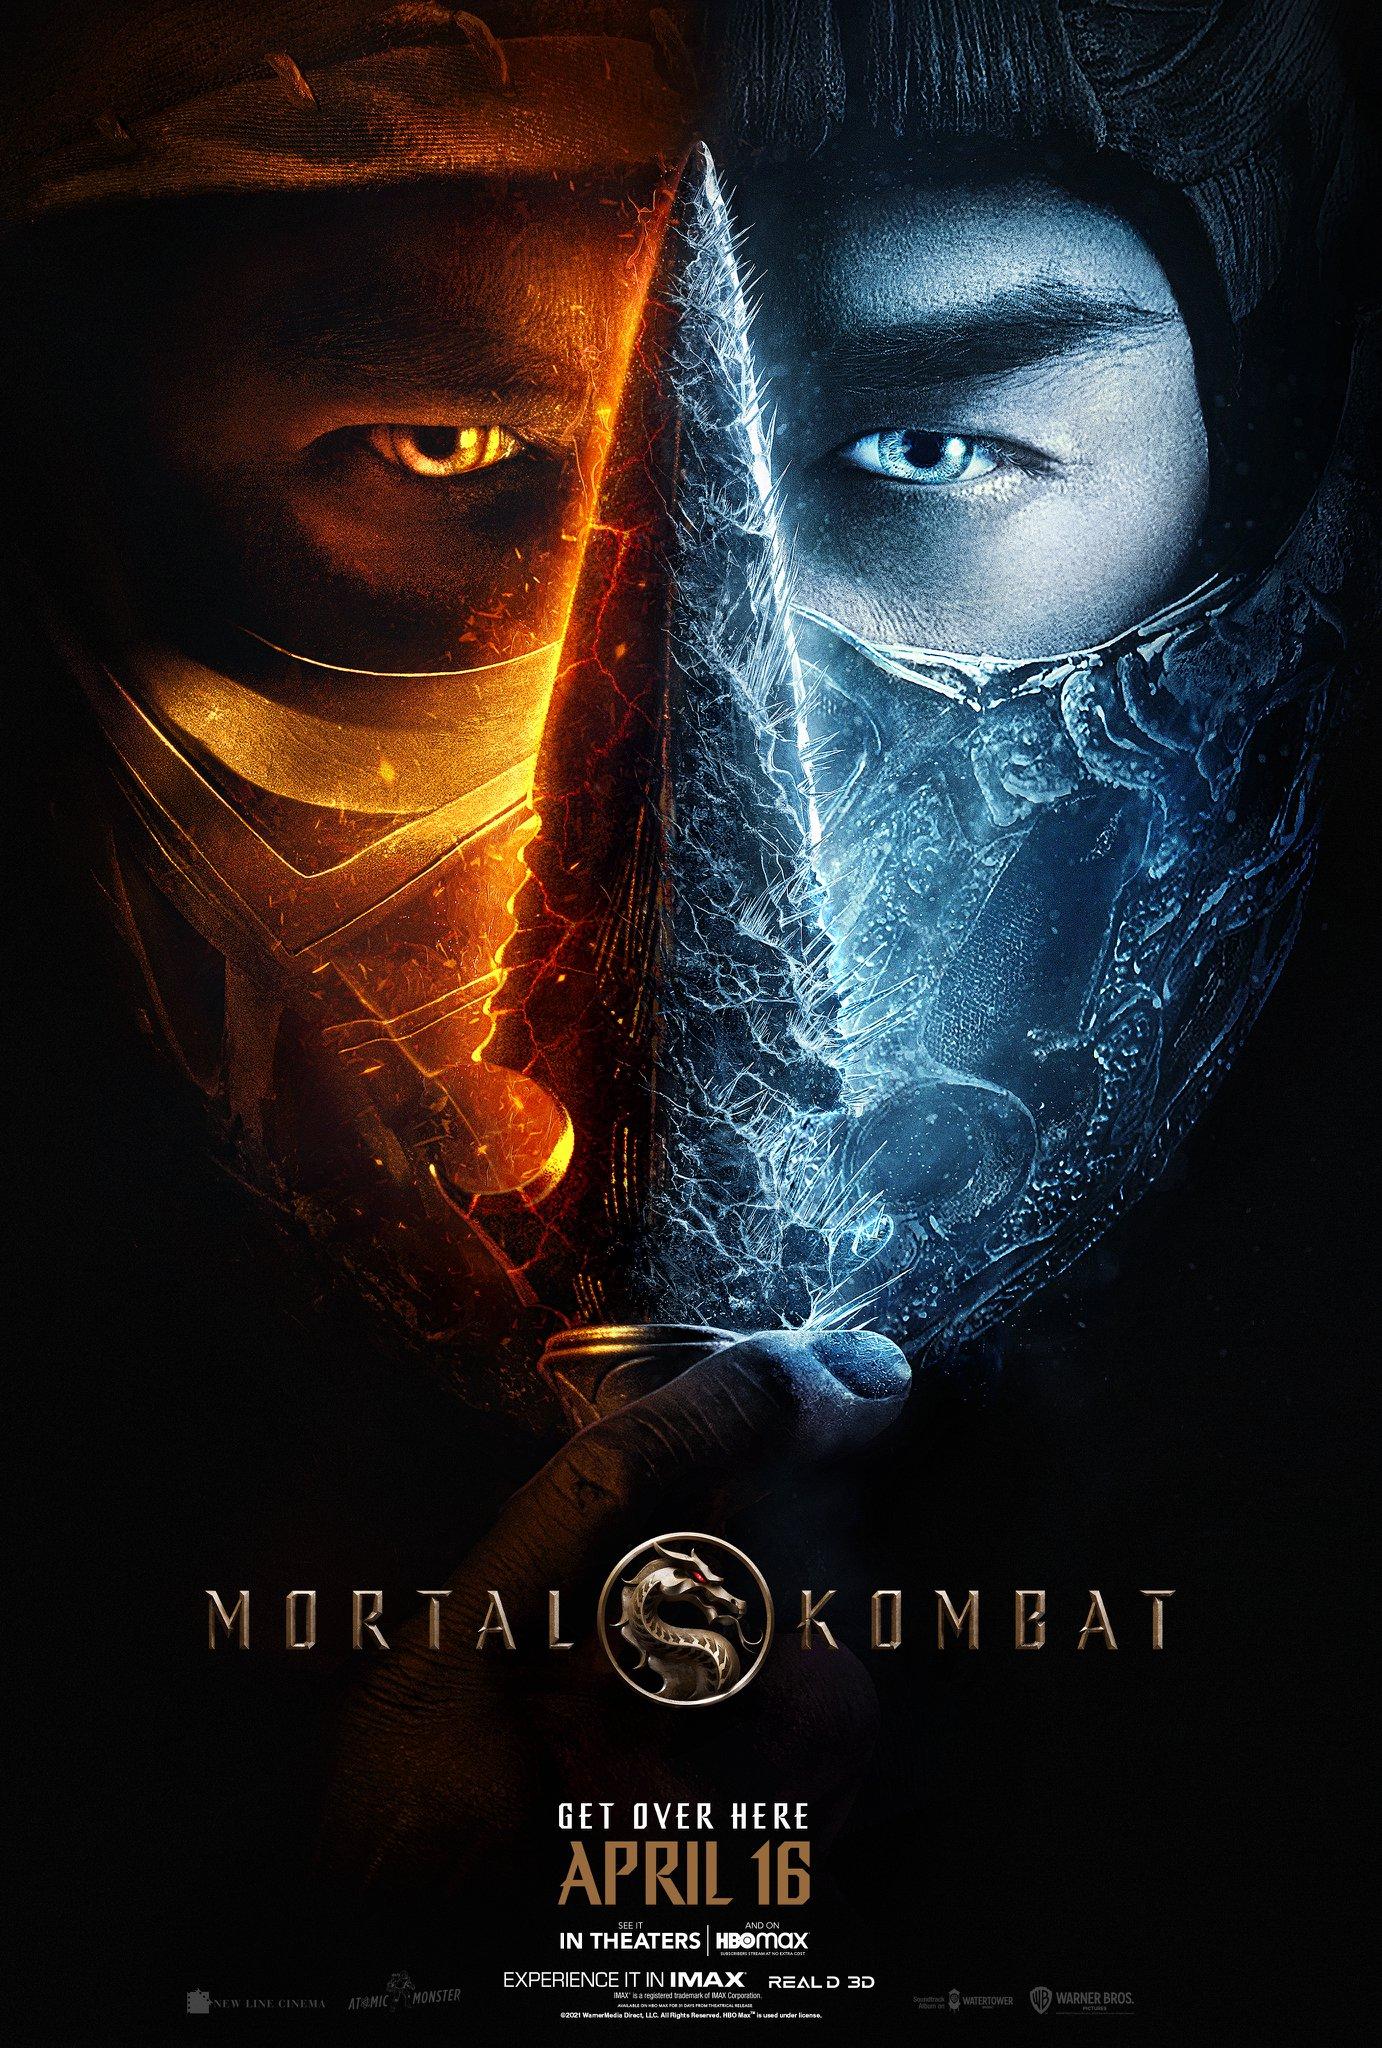 El póster oficial de la película de Mortal Kombat 2021, con una imagen que es la mitad de la cara de Scorpion y la mitad de la de Sub-Zero, dividida en el centro por la punta de lanza de Scorpion, que está medio cubierta por la escarcha de Sub-Zero. .